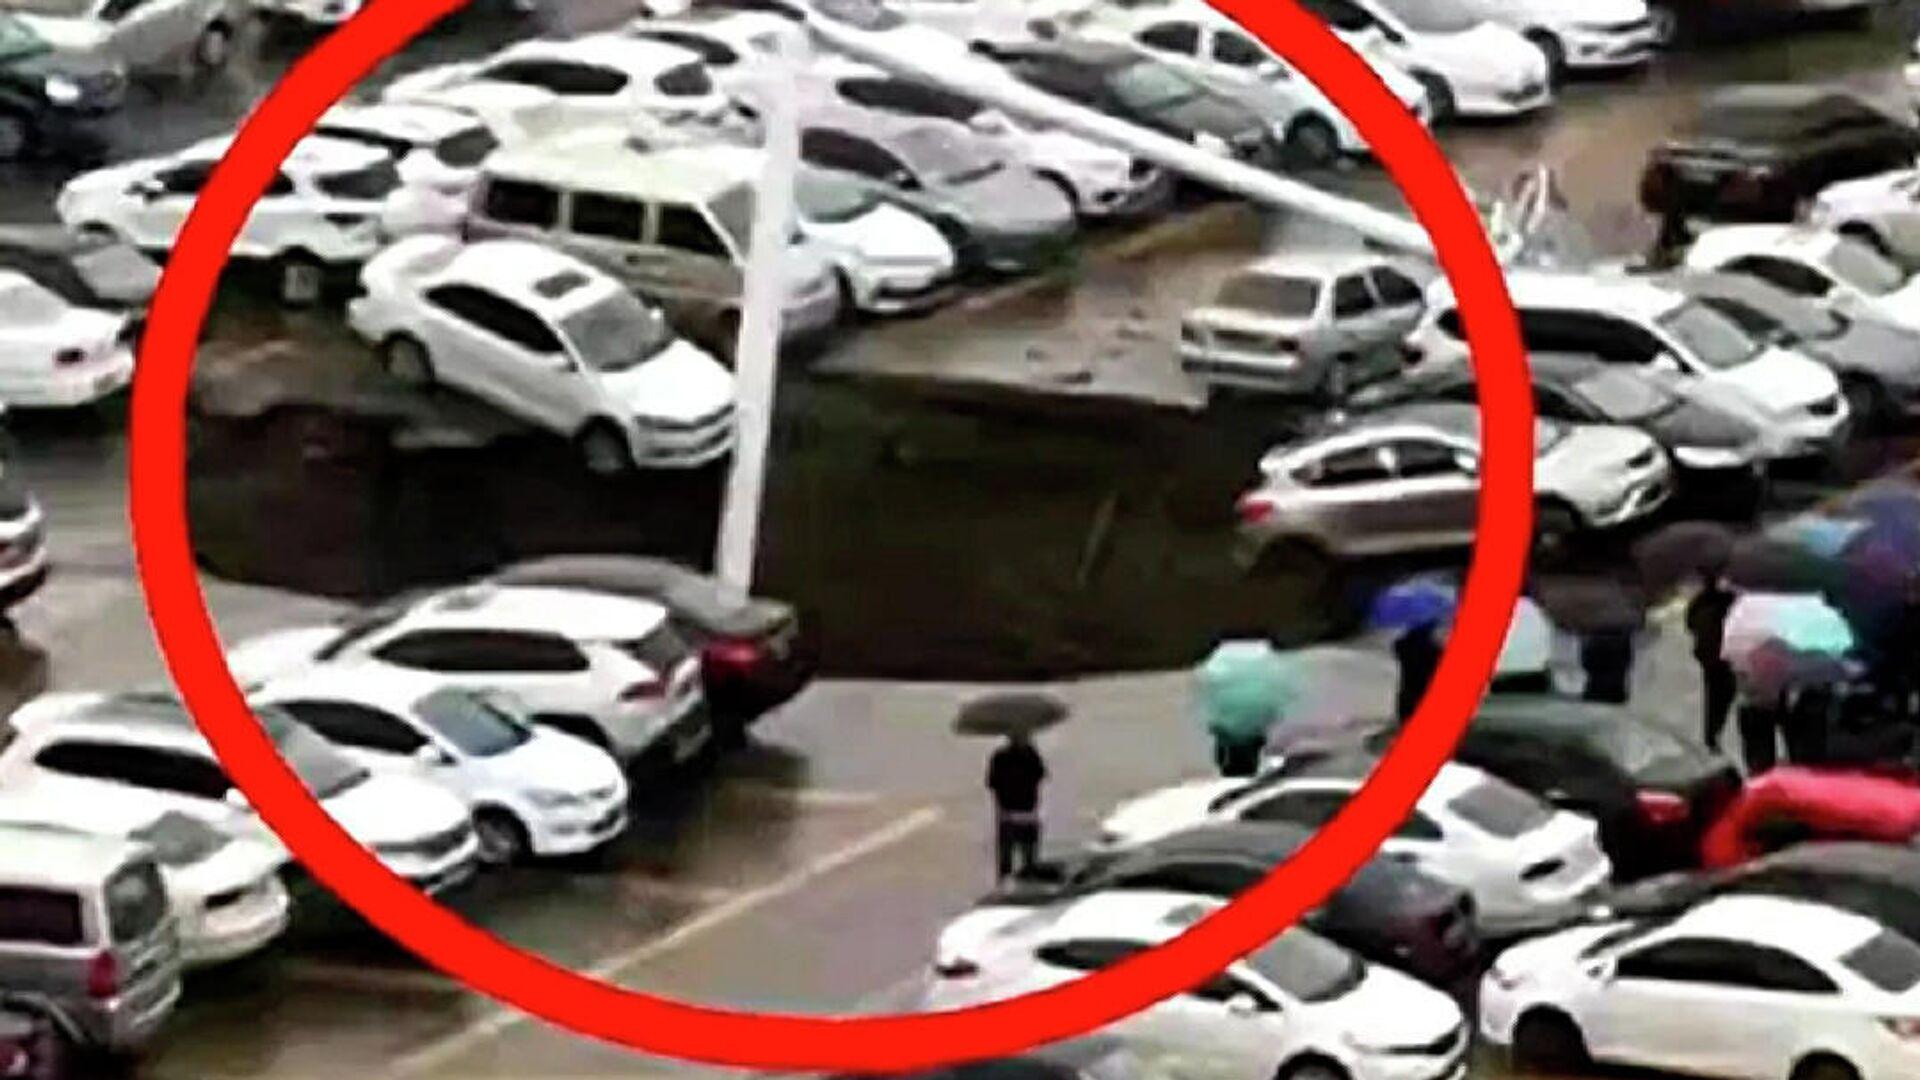 Άνοιξε η γη: Τεράστια τρύπα καταβροχθίζει αυτοκίνητα σε πάρκινγκ στην Κίνα - Sputnik Ελλάδα, 1920, 09.10.2021